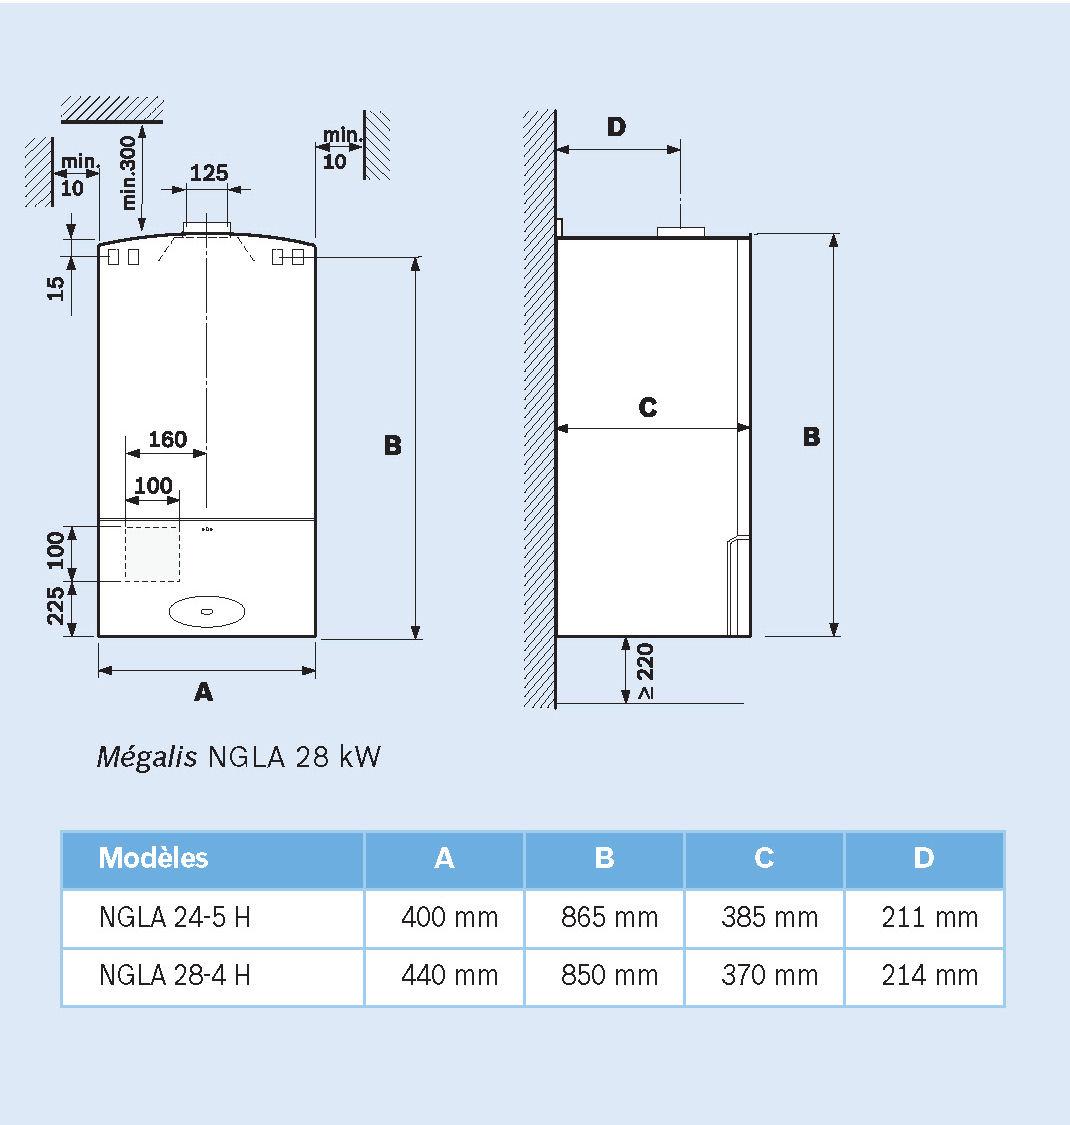 chaudiere unical glg3 devis estimatif travaux marseille entreprise jgdwsl. Black Bedroom Furniture Sets. Home Design Ideas